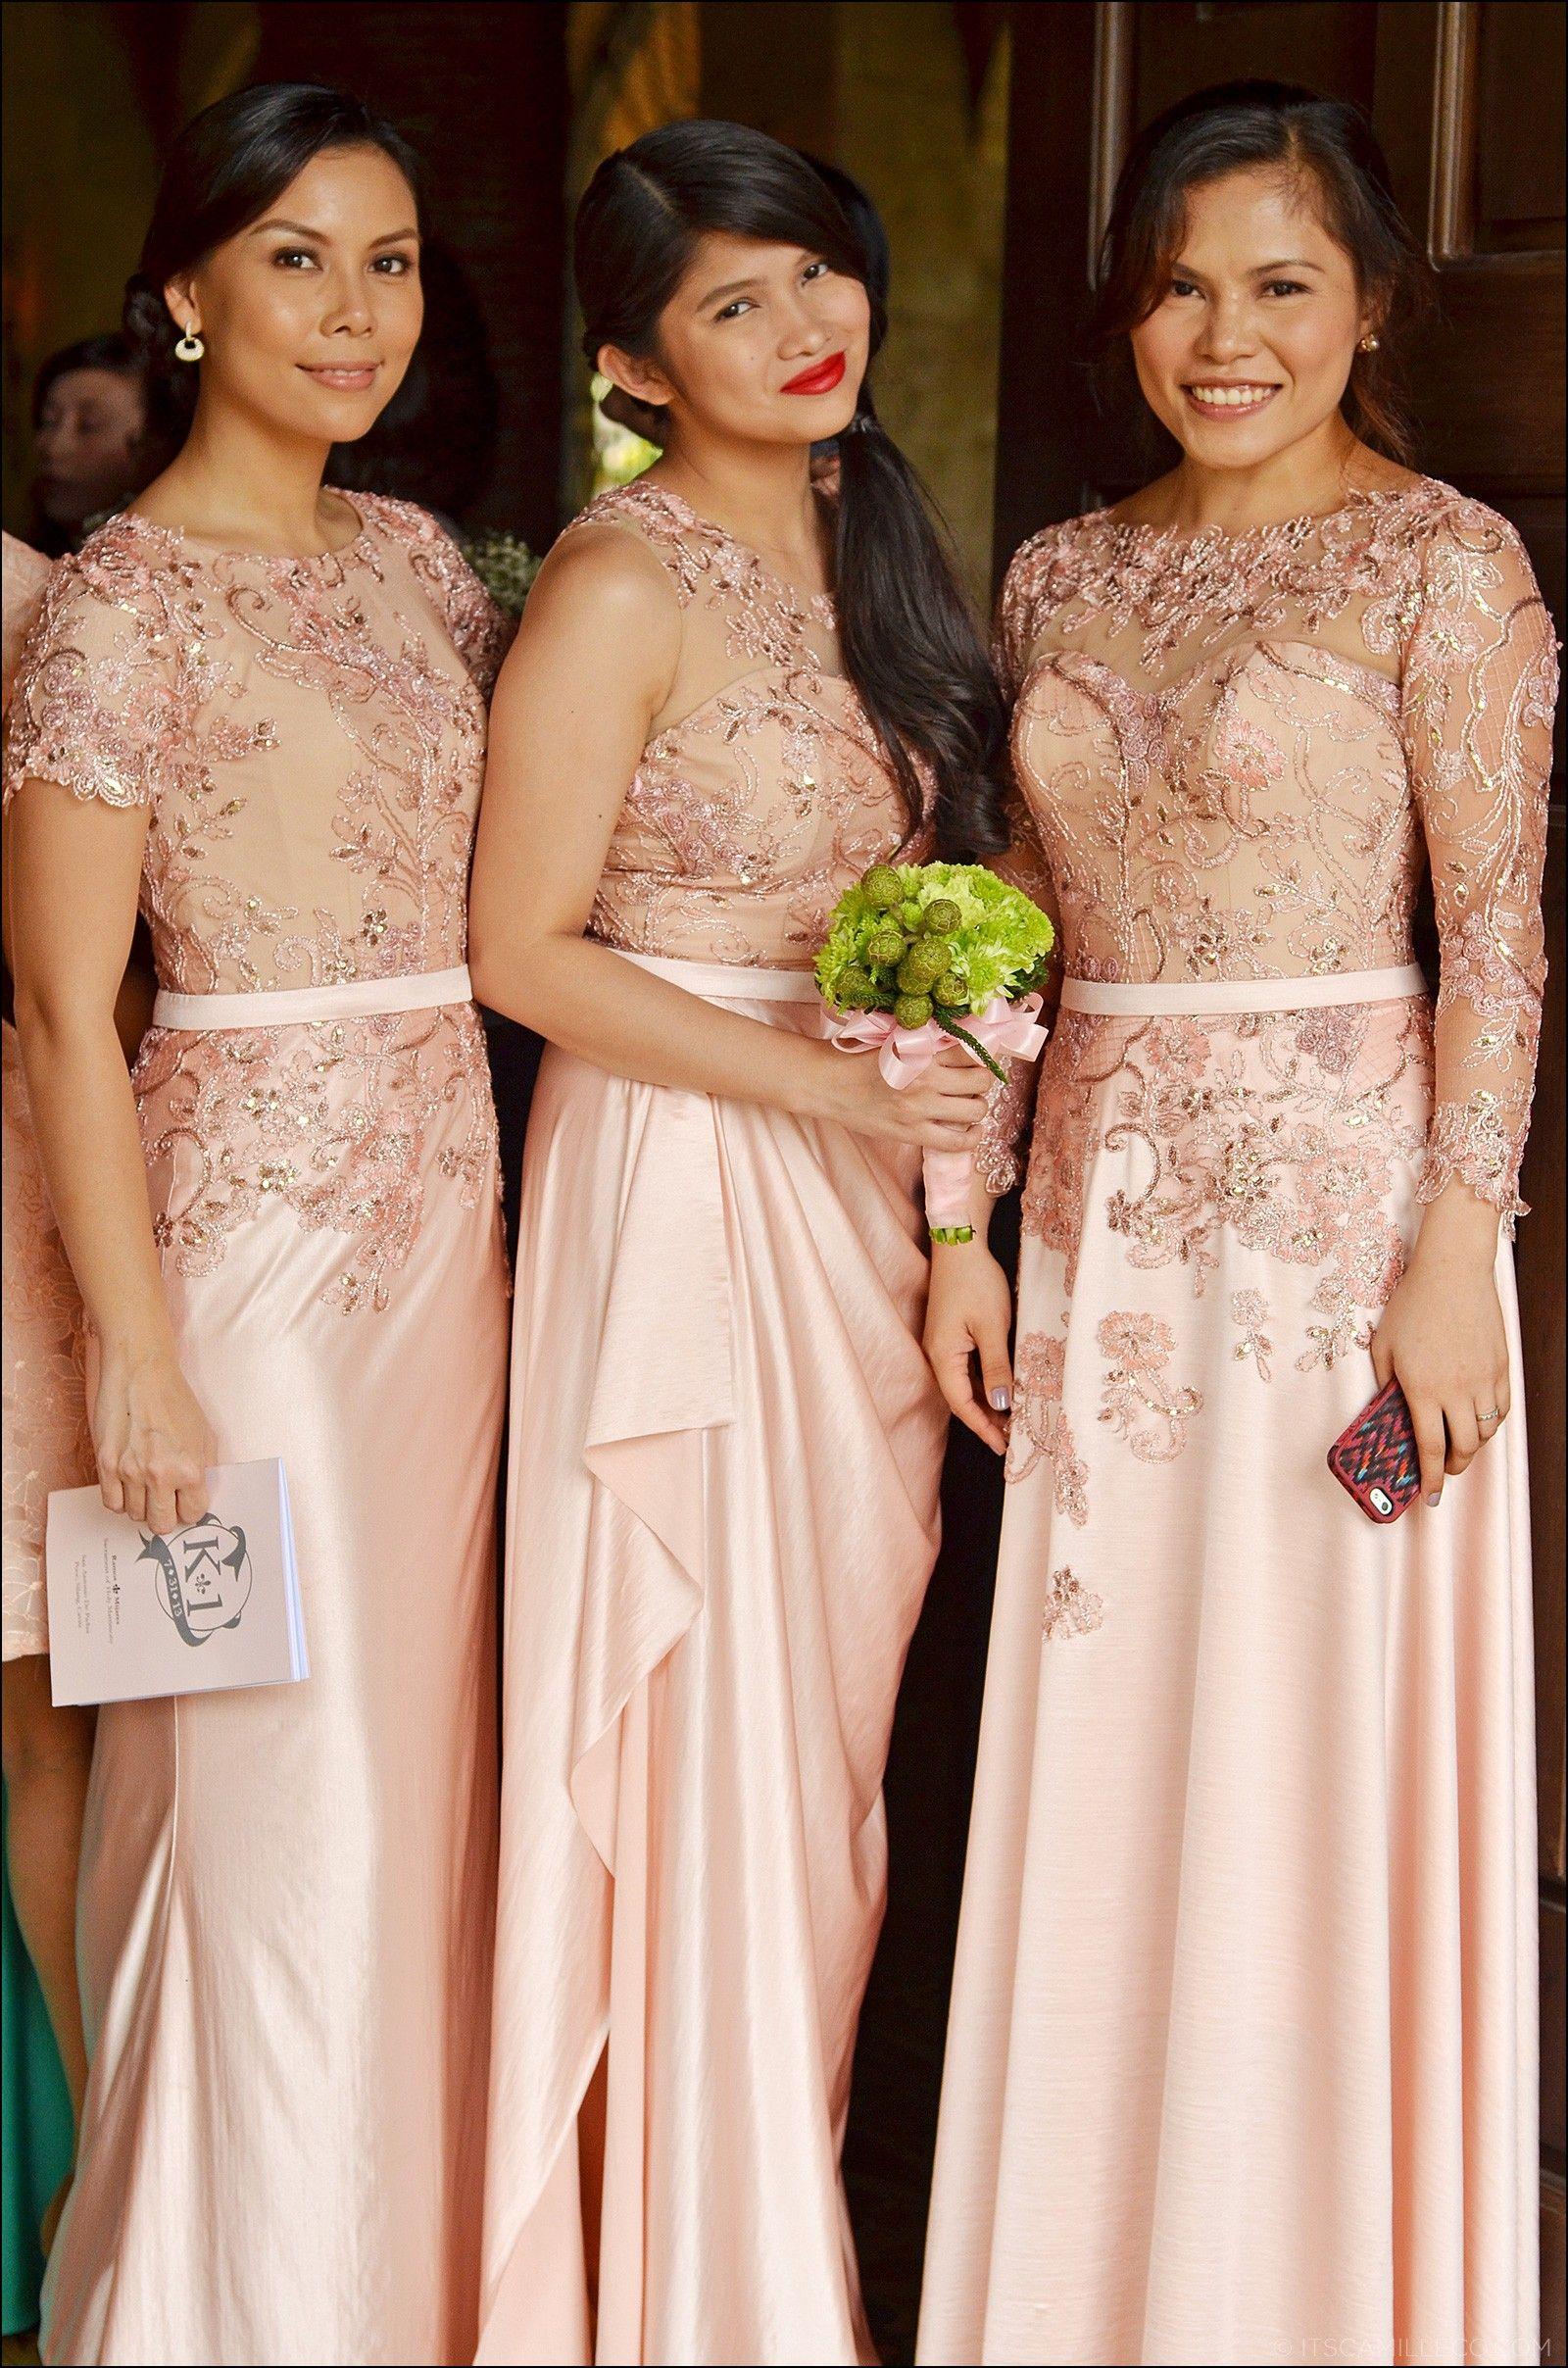 Wedding Entourage Gowns | Bridesmaid | Pinterest | Wedding entourage ...